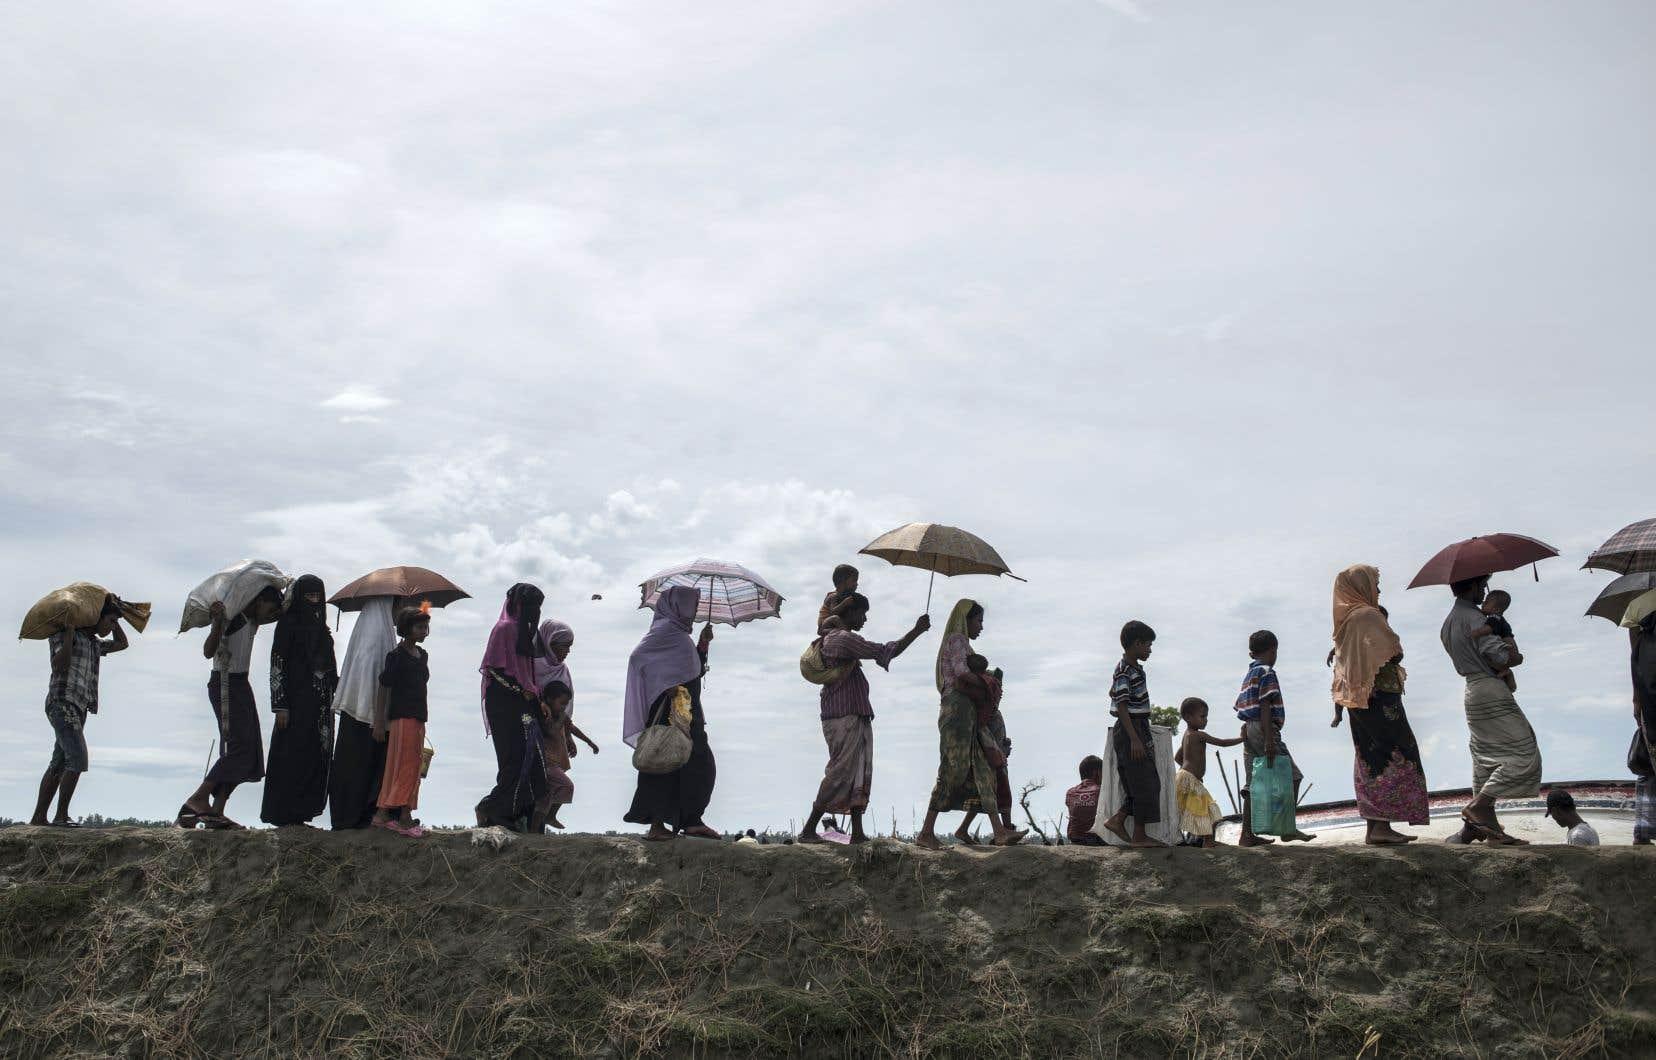 Plus d'un demi-million de Rohingyas sont passés au Bangladesh voisin depuis le 25 août.<br />